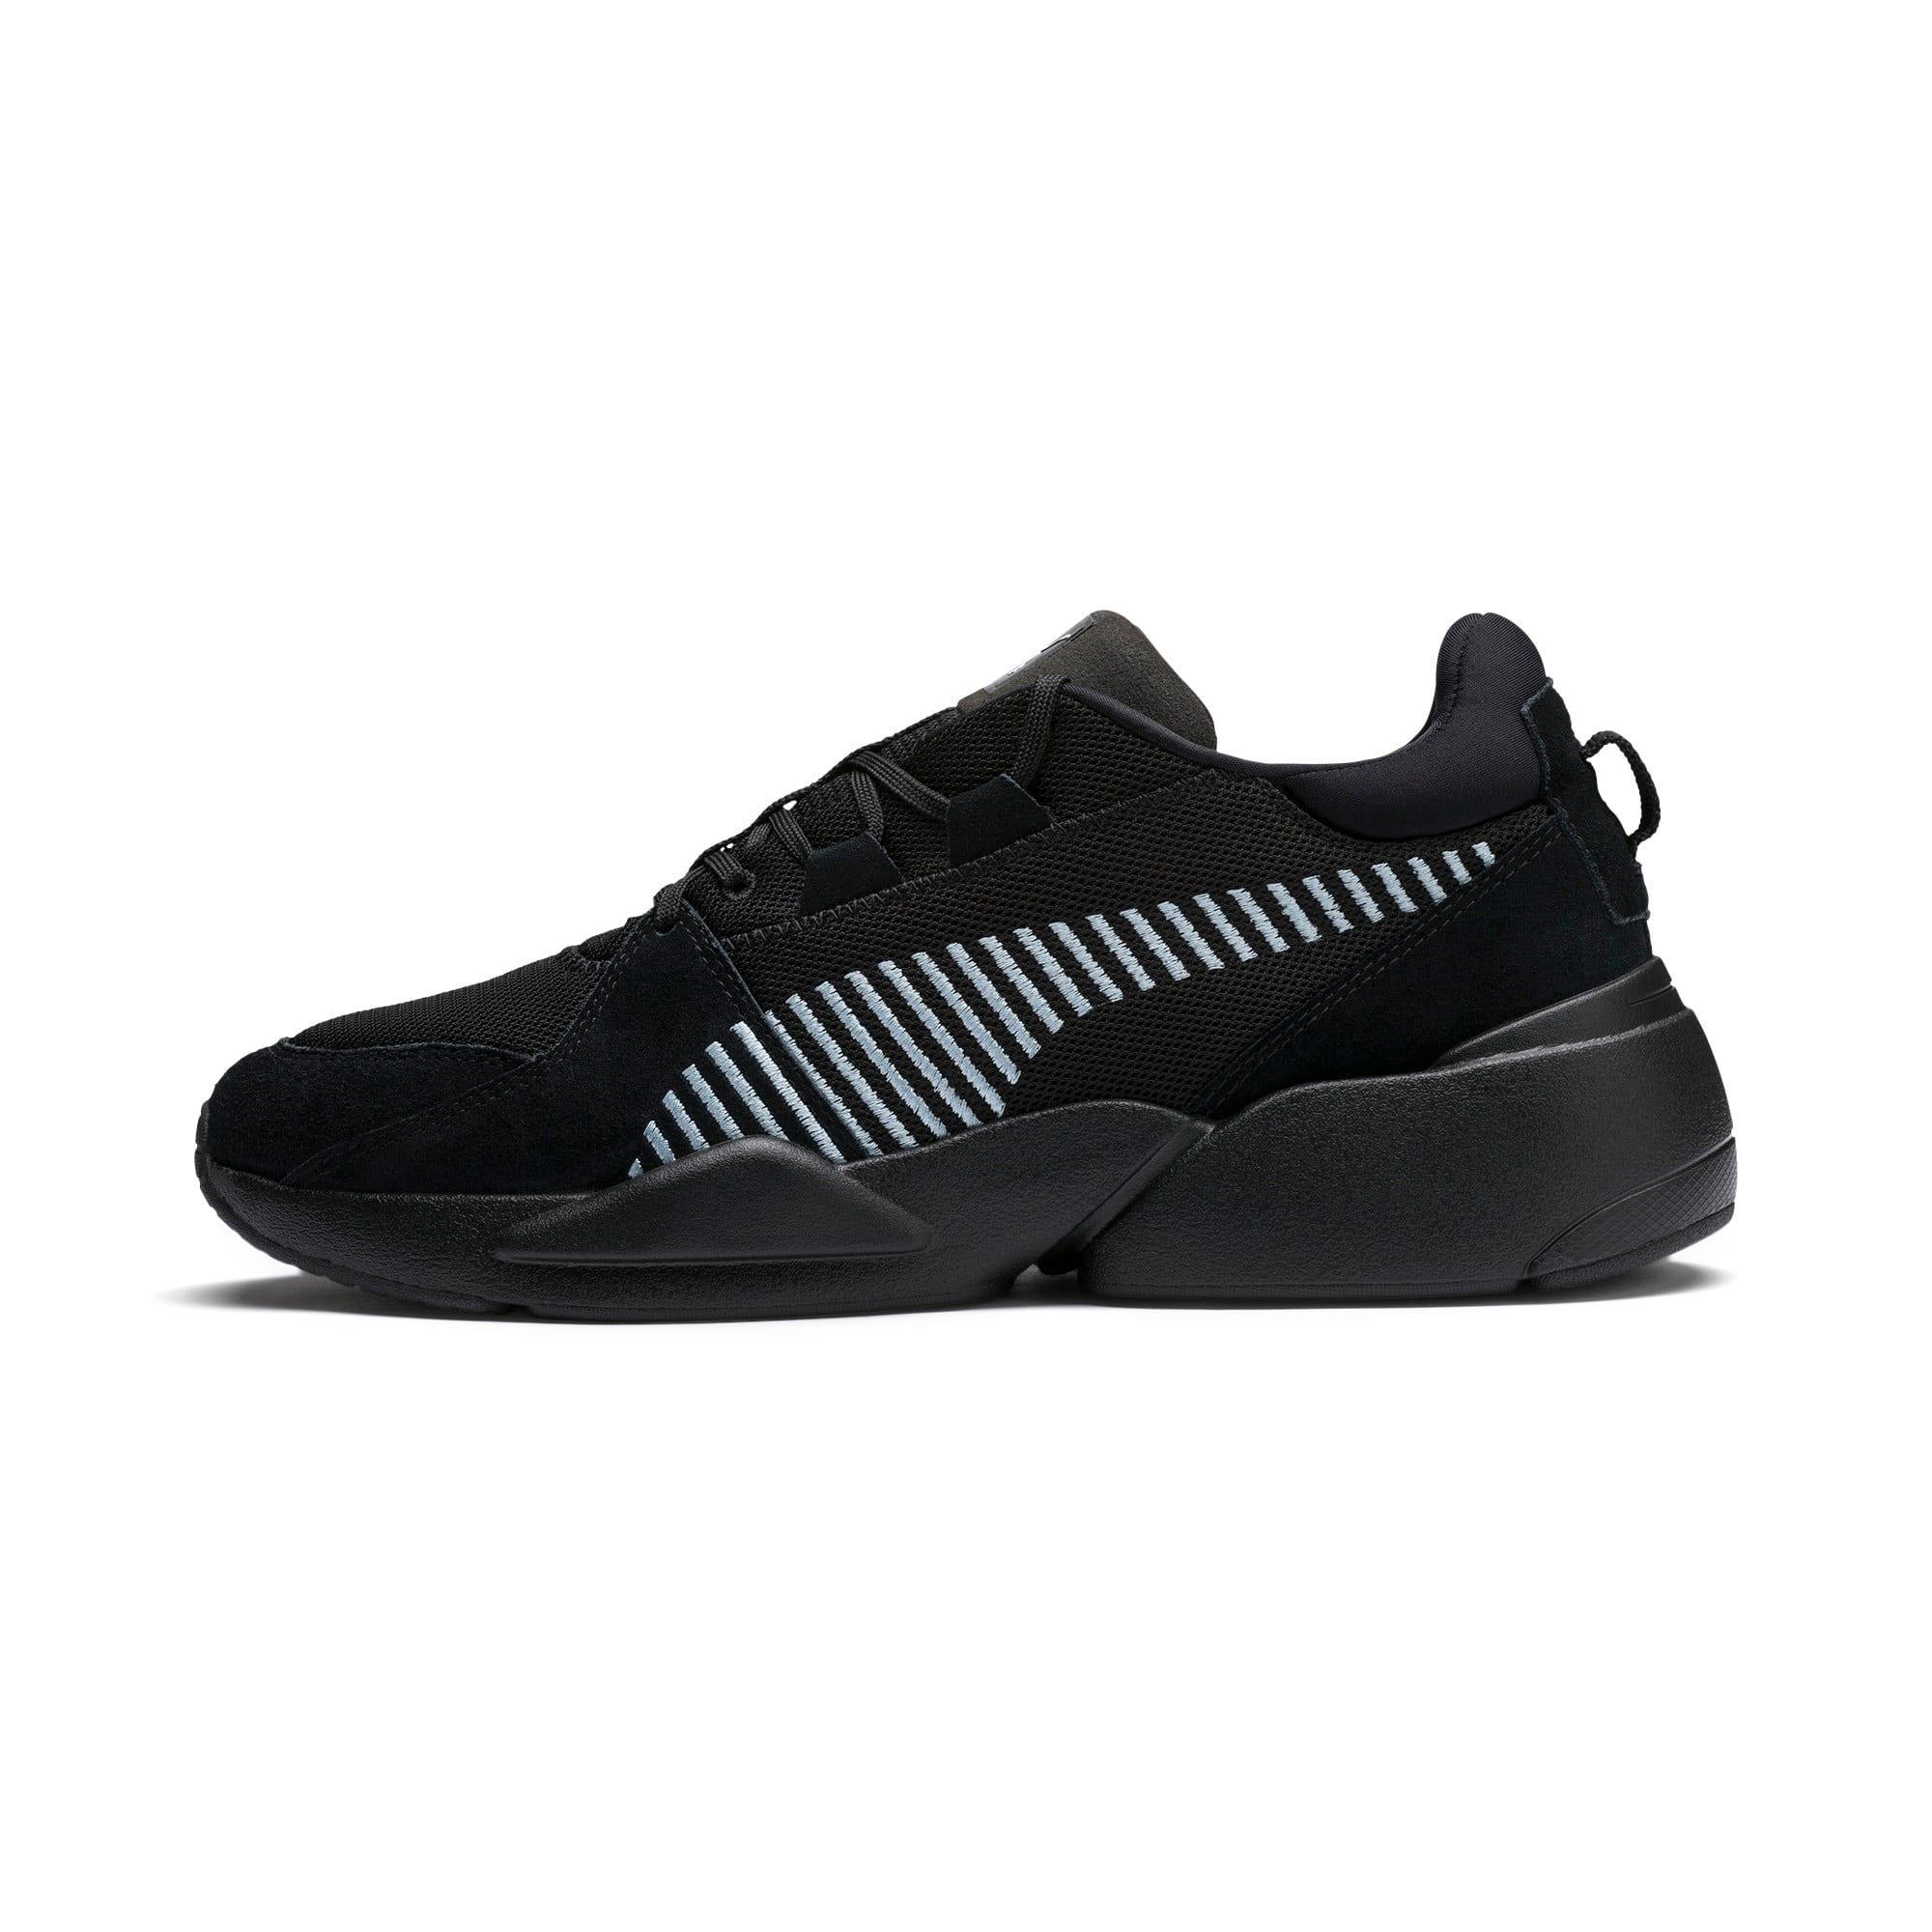 Suchergebnis auf für: Puma Blau Sneaker